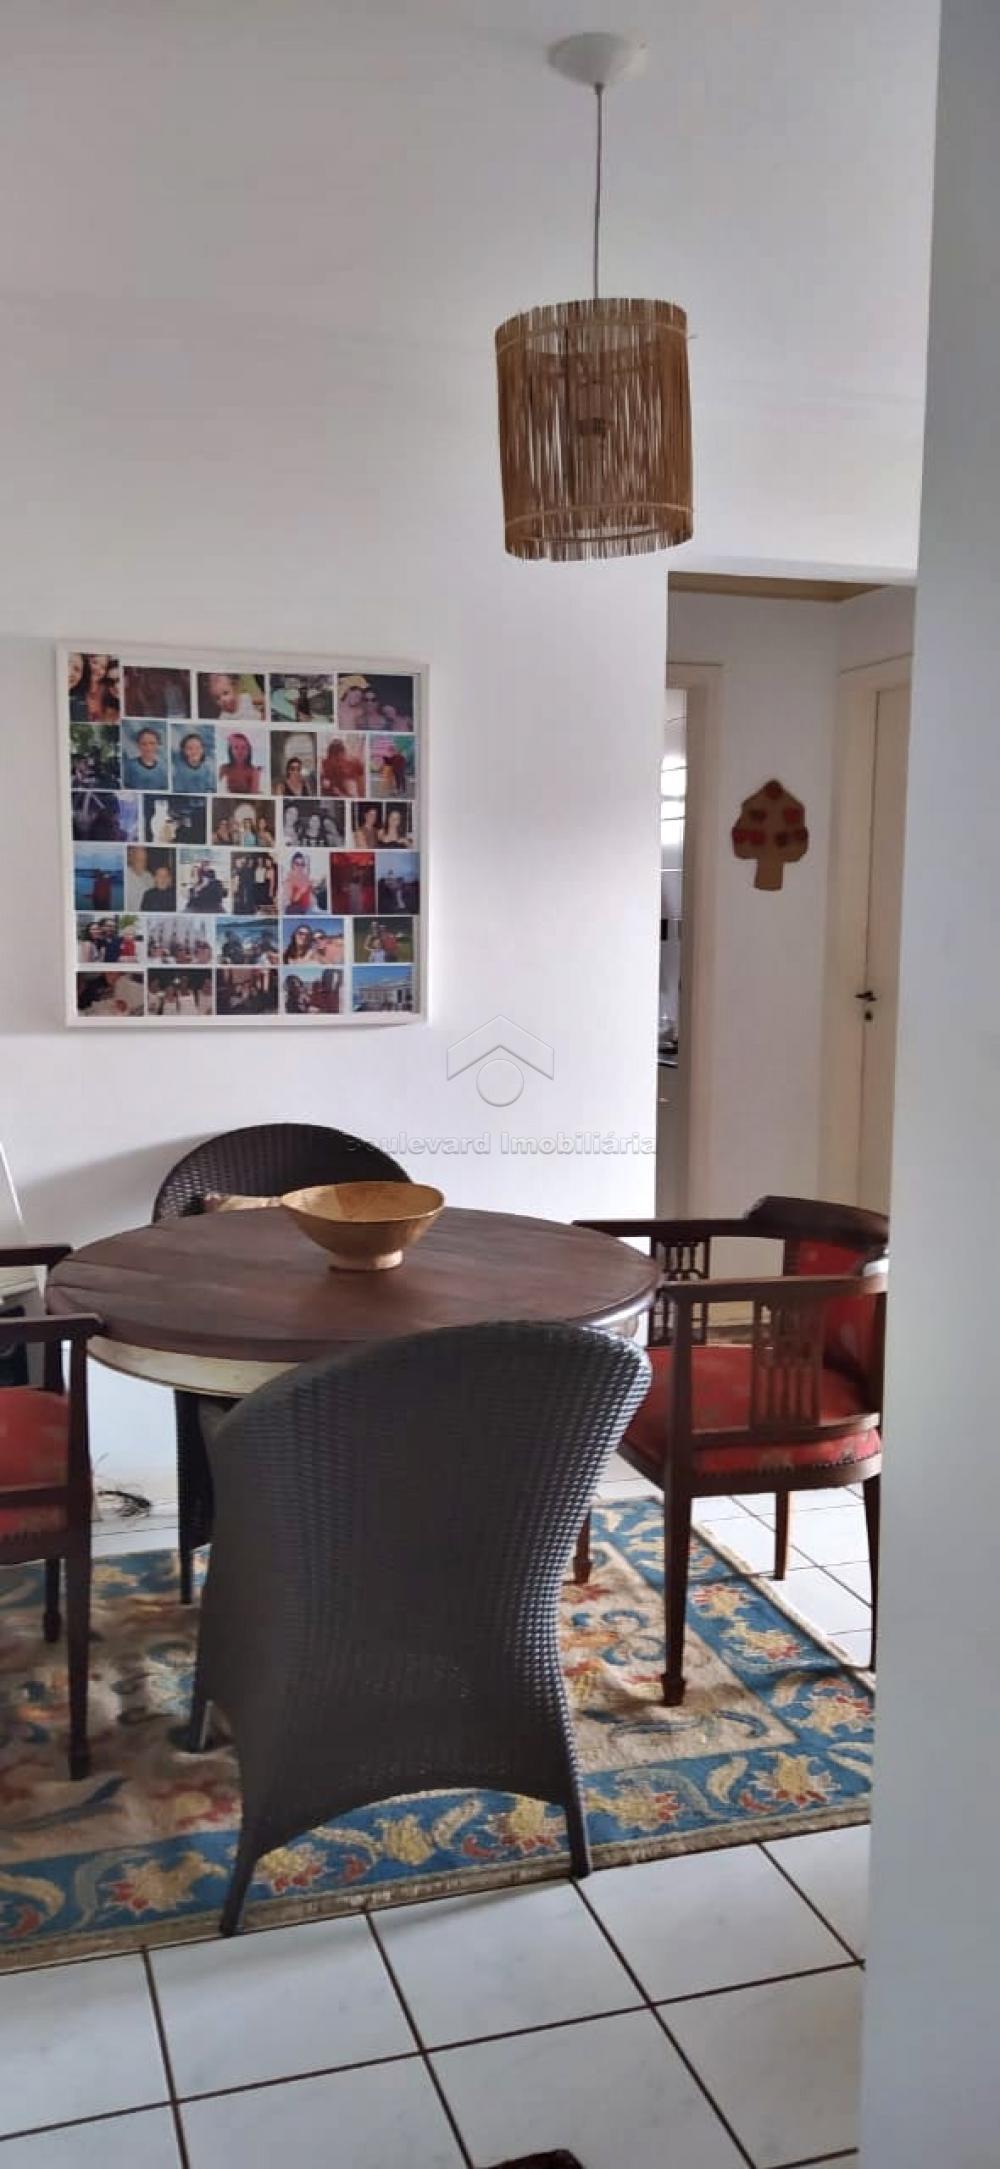 Comprar Apartamento / Padrão em Ribeirão Preto R$ 280.000,00 - Foto 2